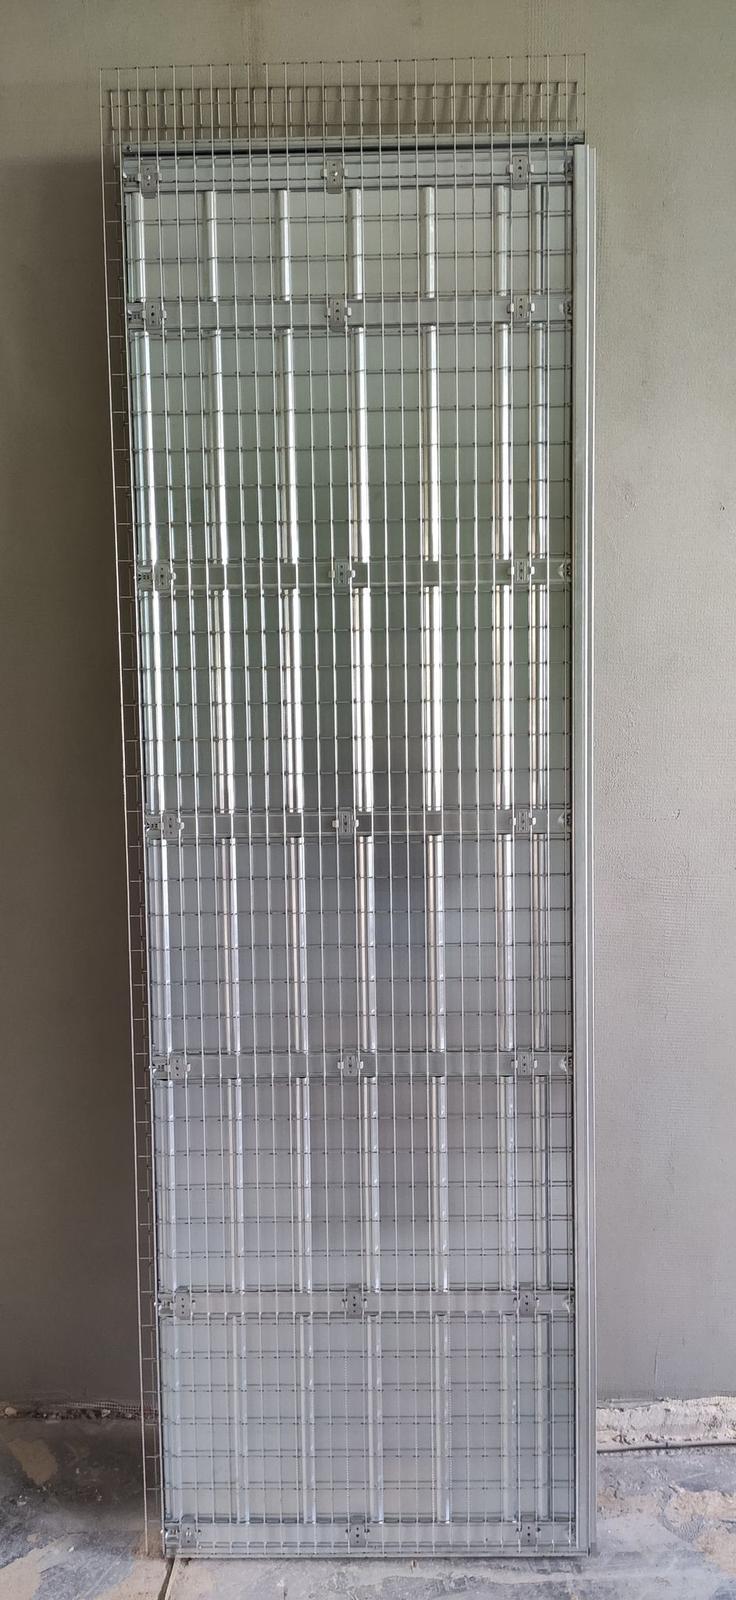 Pouzdro do zdiva Eclisse Standard 60x197-210 cm - Obrázek č. 1